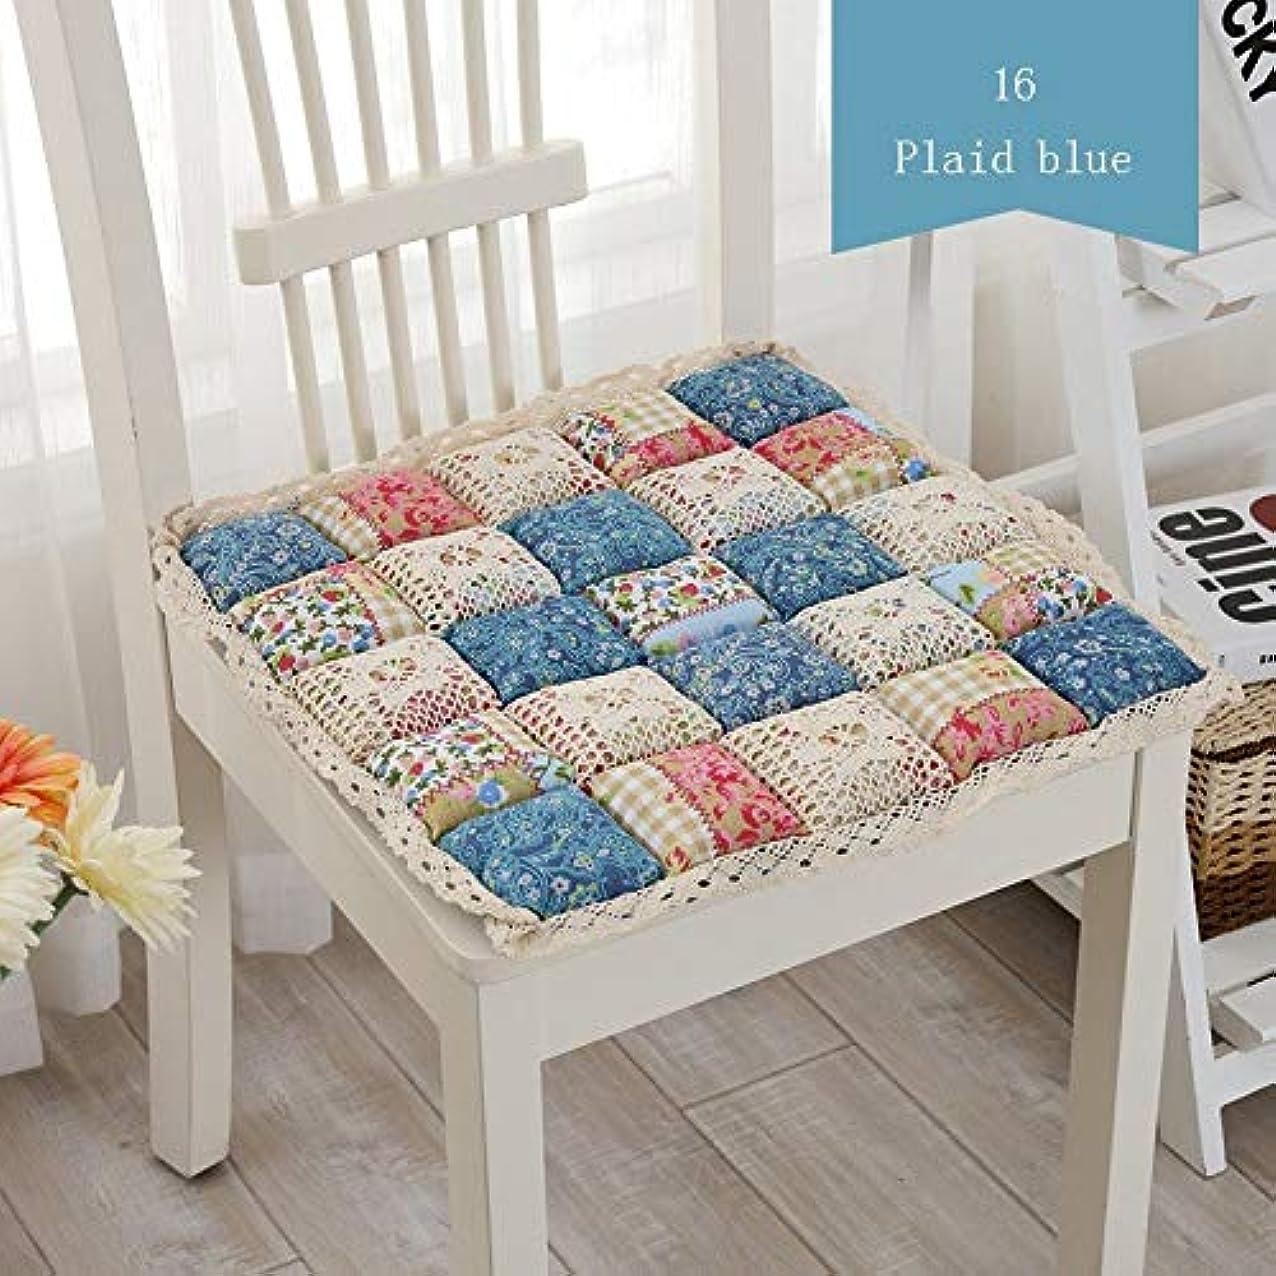 専制代替カートンLIFE 1 個抗褥瘡綿椅子クッション 24 色ファッションオフィス正方形クッション学生チェアクッション家の装飾厚み クッション 椅子